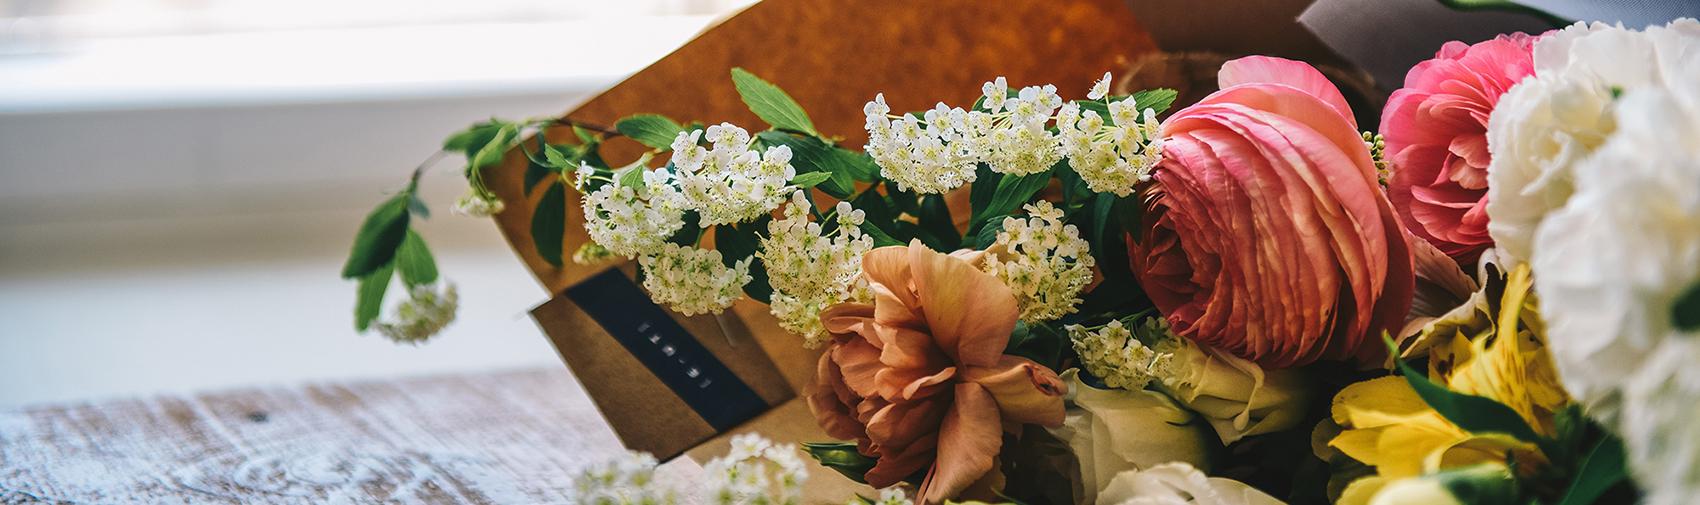 Beautiful fresh flowers presented by Belles Fleurs